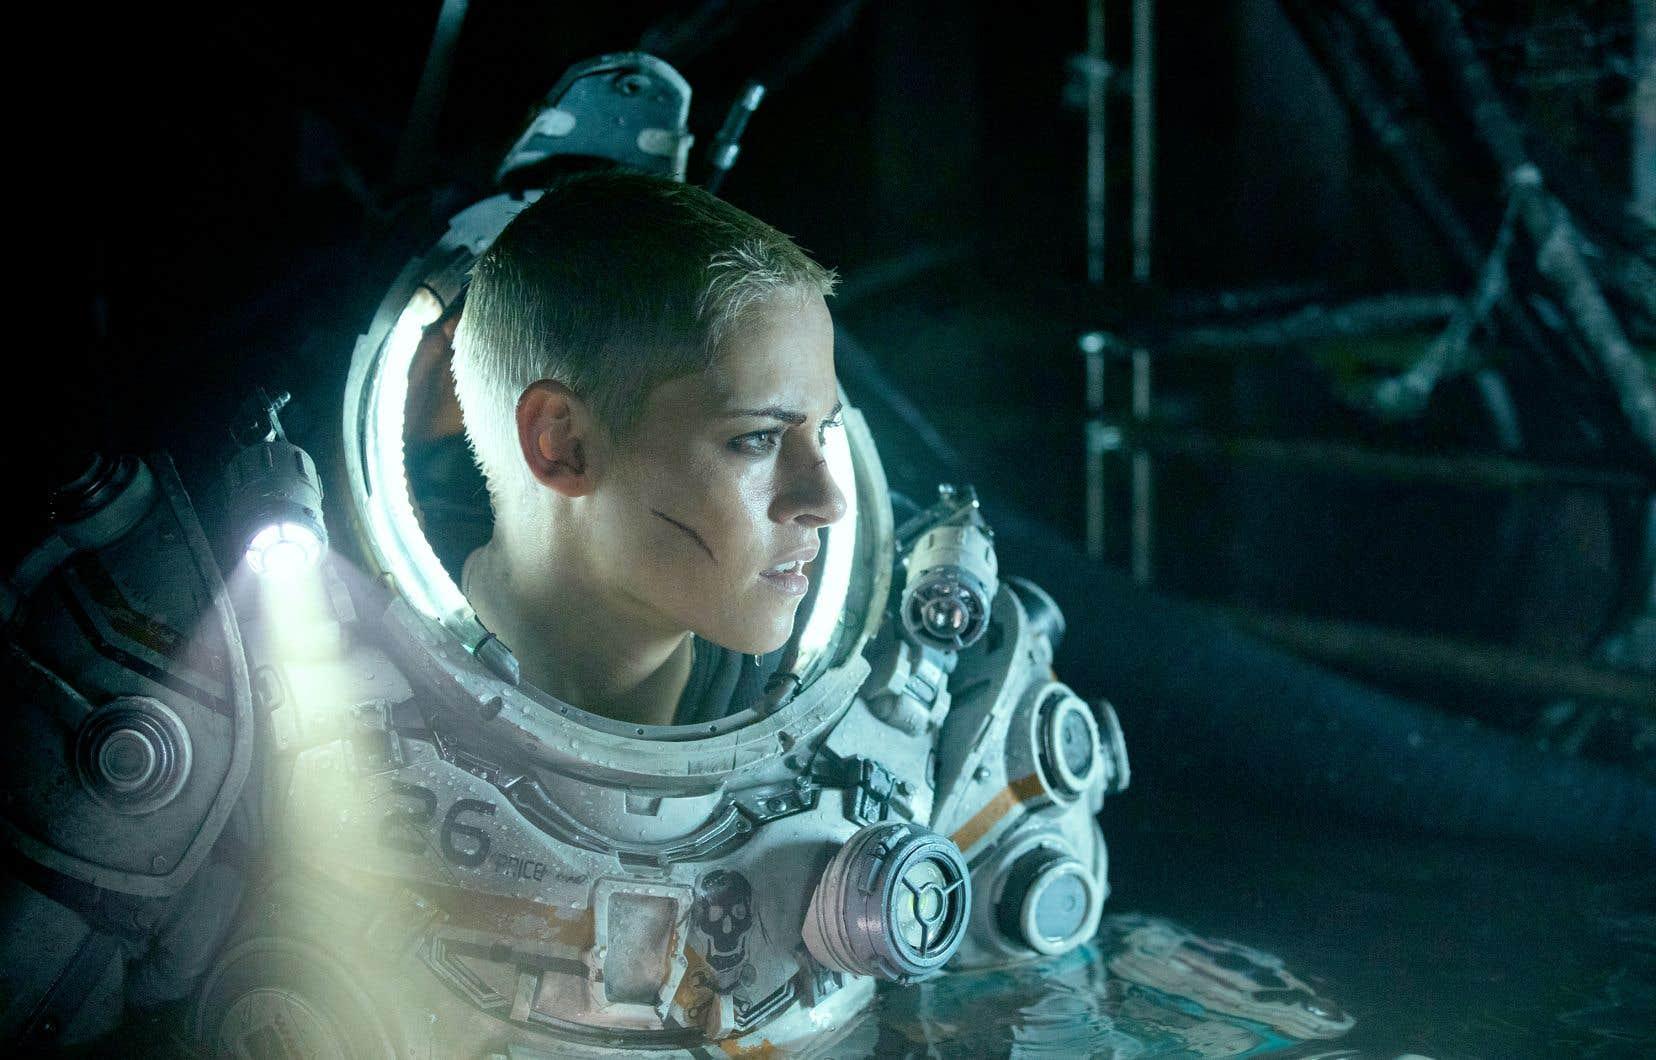 Ingénieure mécanique, Norah (Kristen Stewart) se retrouve flanquée de cinq camarades d'infortune dans une structure dépourvue de capsules de sauvetage, mais qu'il faut impérativement évacuer.